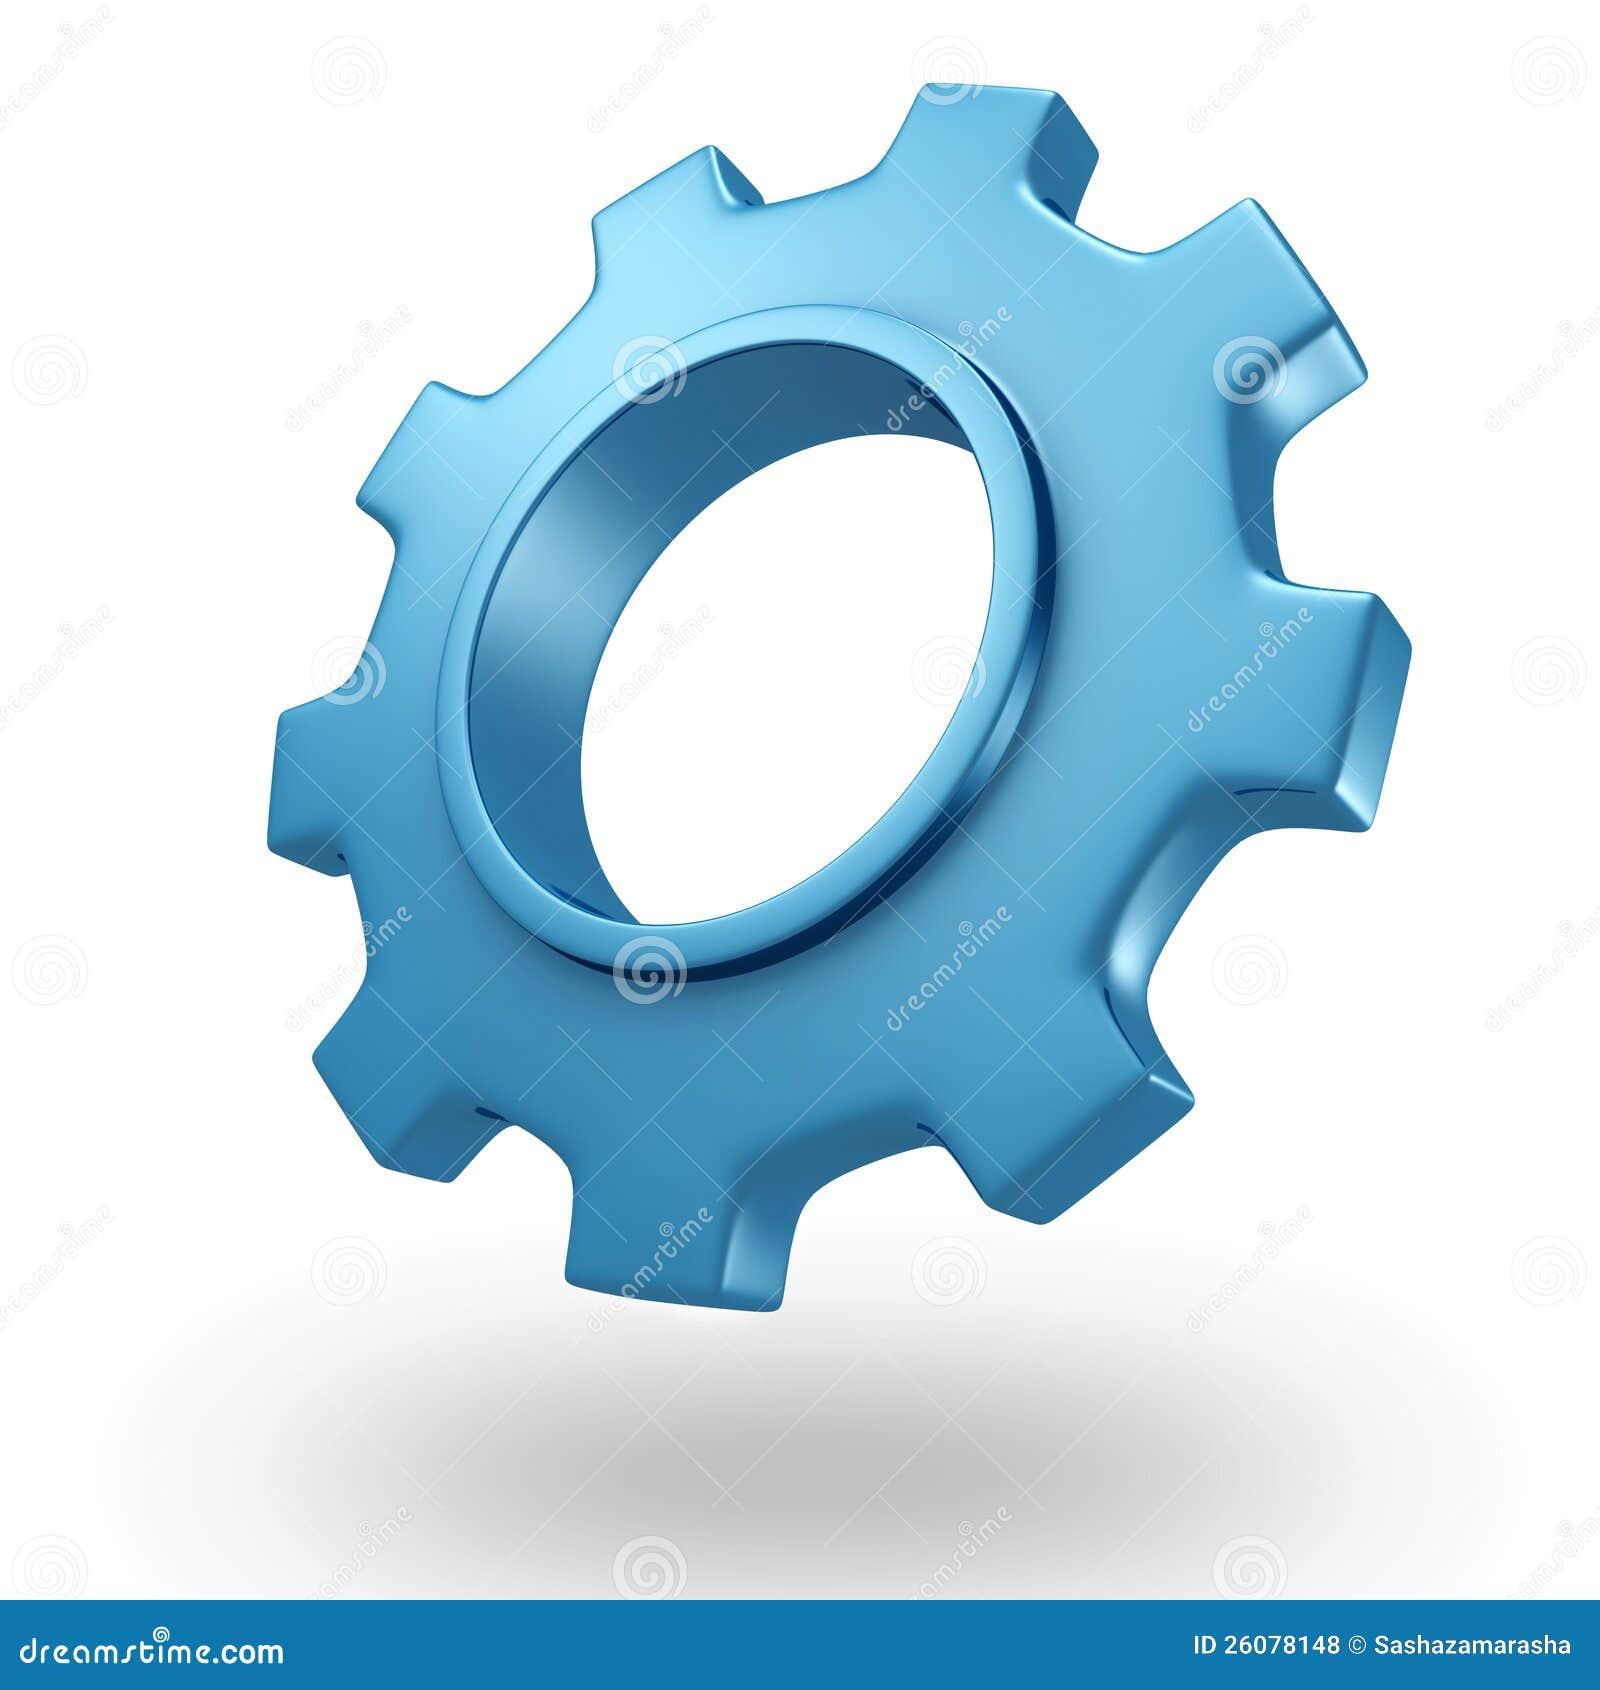 Roda de engrenagem brilhante do conceito 3d azul no branco